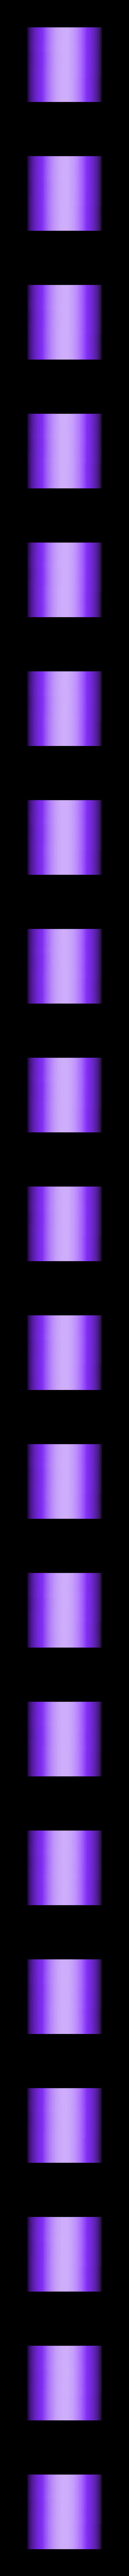 10x10_Pegs_v1.stl Télécharger fichier STL gratuit Clone Wars Era Rockets pour Boba Fett Jet Pack • Modèle pour impression 3D, ewr2san